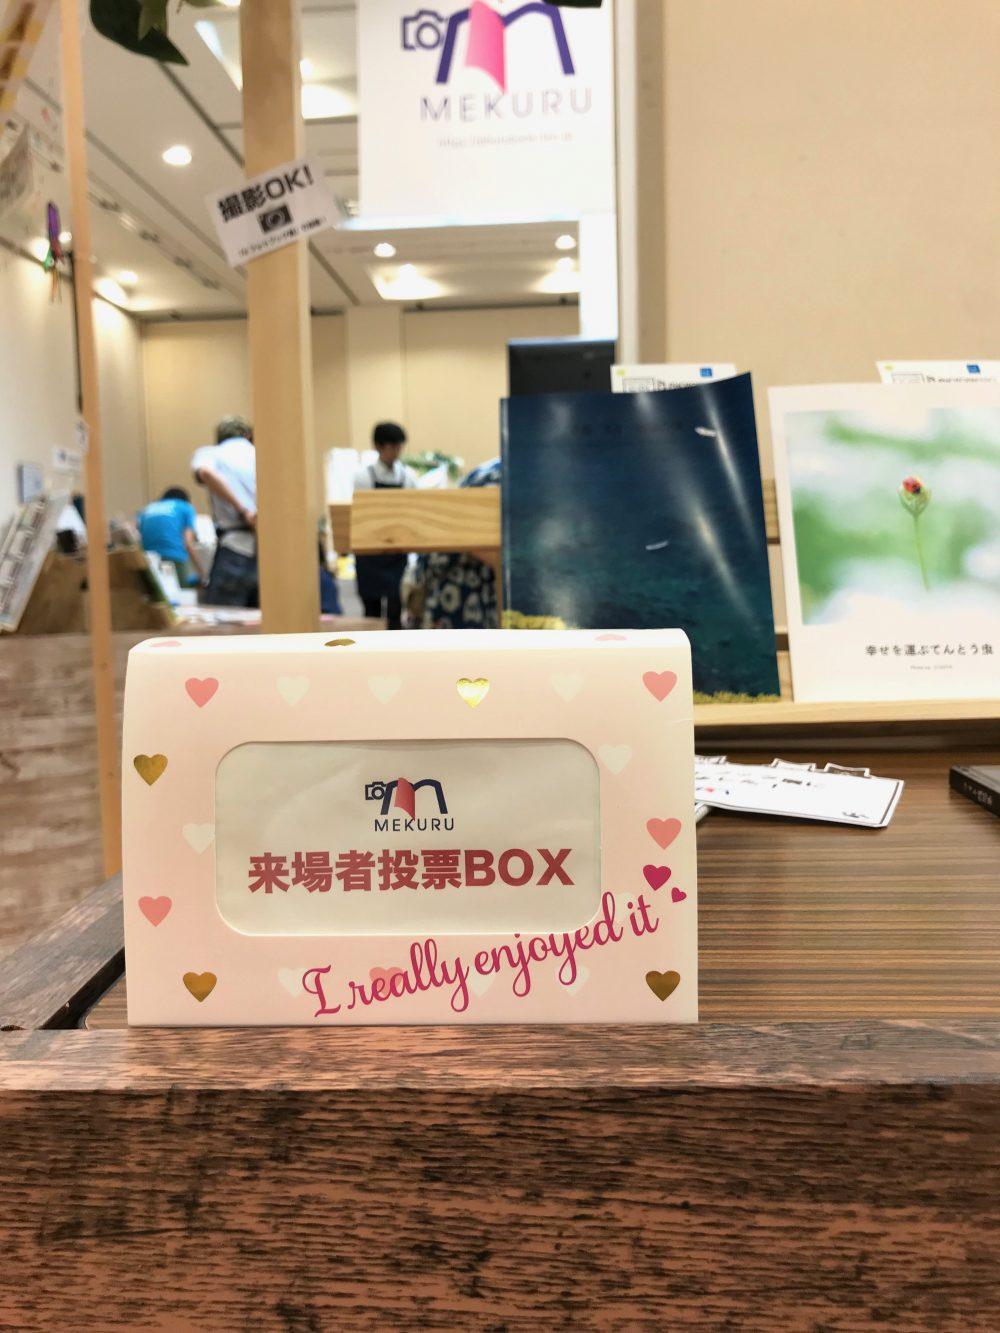 フォトブックコンテスト最優秀賞発表!